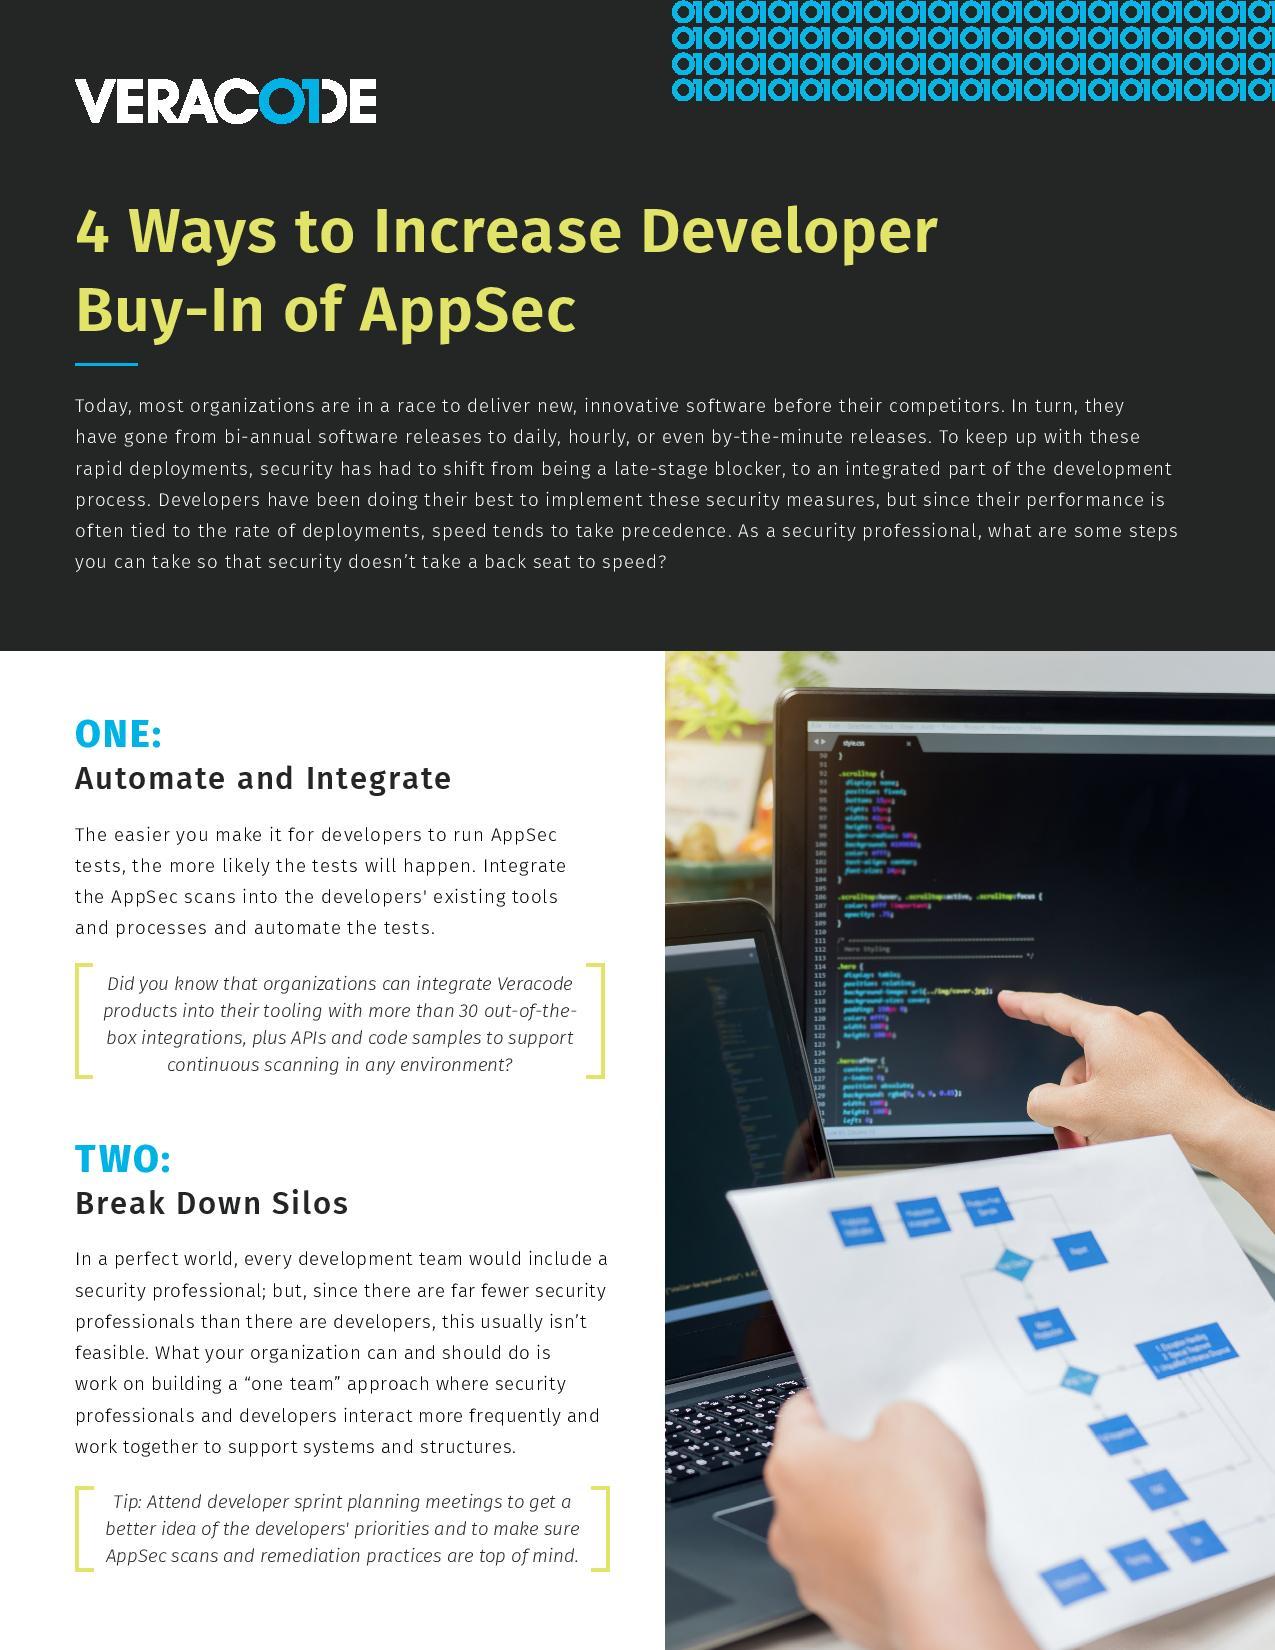 4 façons de favoriser l'adhésion des développeurs à l'AppSec